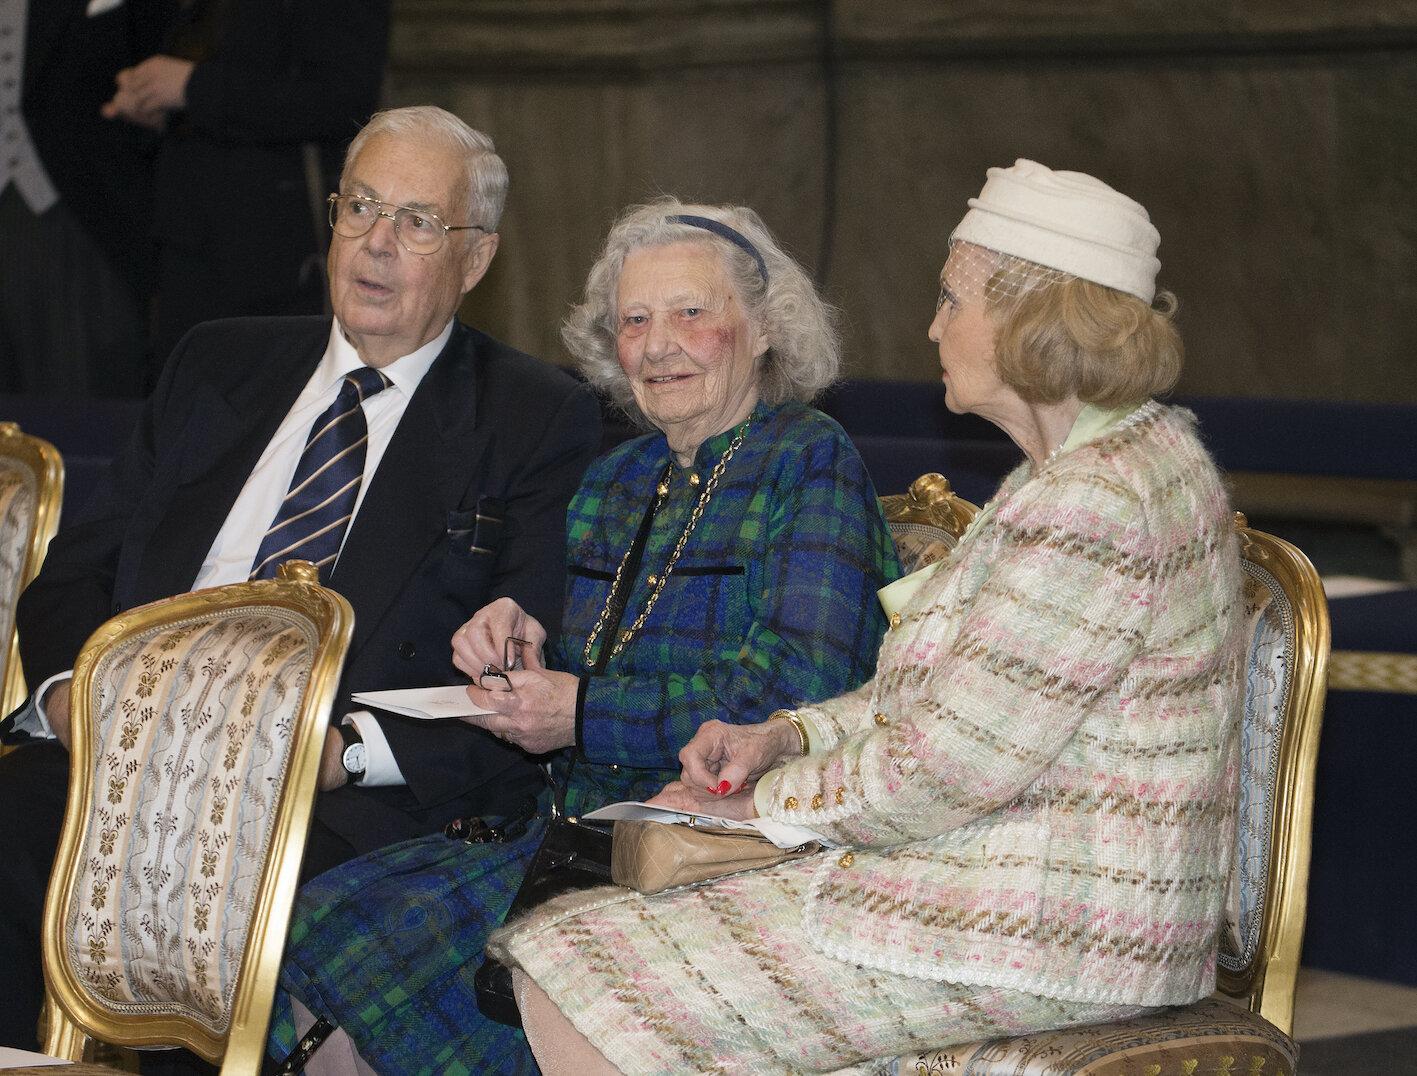 Dagmar von Arbin besuchte gerne die Feierlichkeiten der schwedischen Königsfamilie. Auch im hohen Alter nahm sie an der Taufe von Prinz Oscar teil.  © picture alliance/IBL Schweden